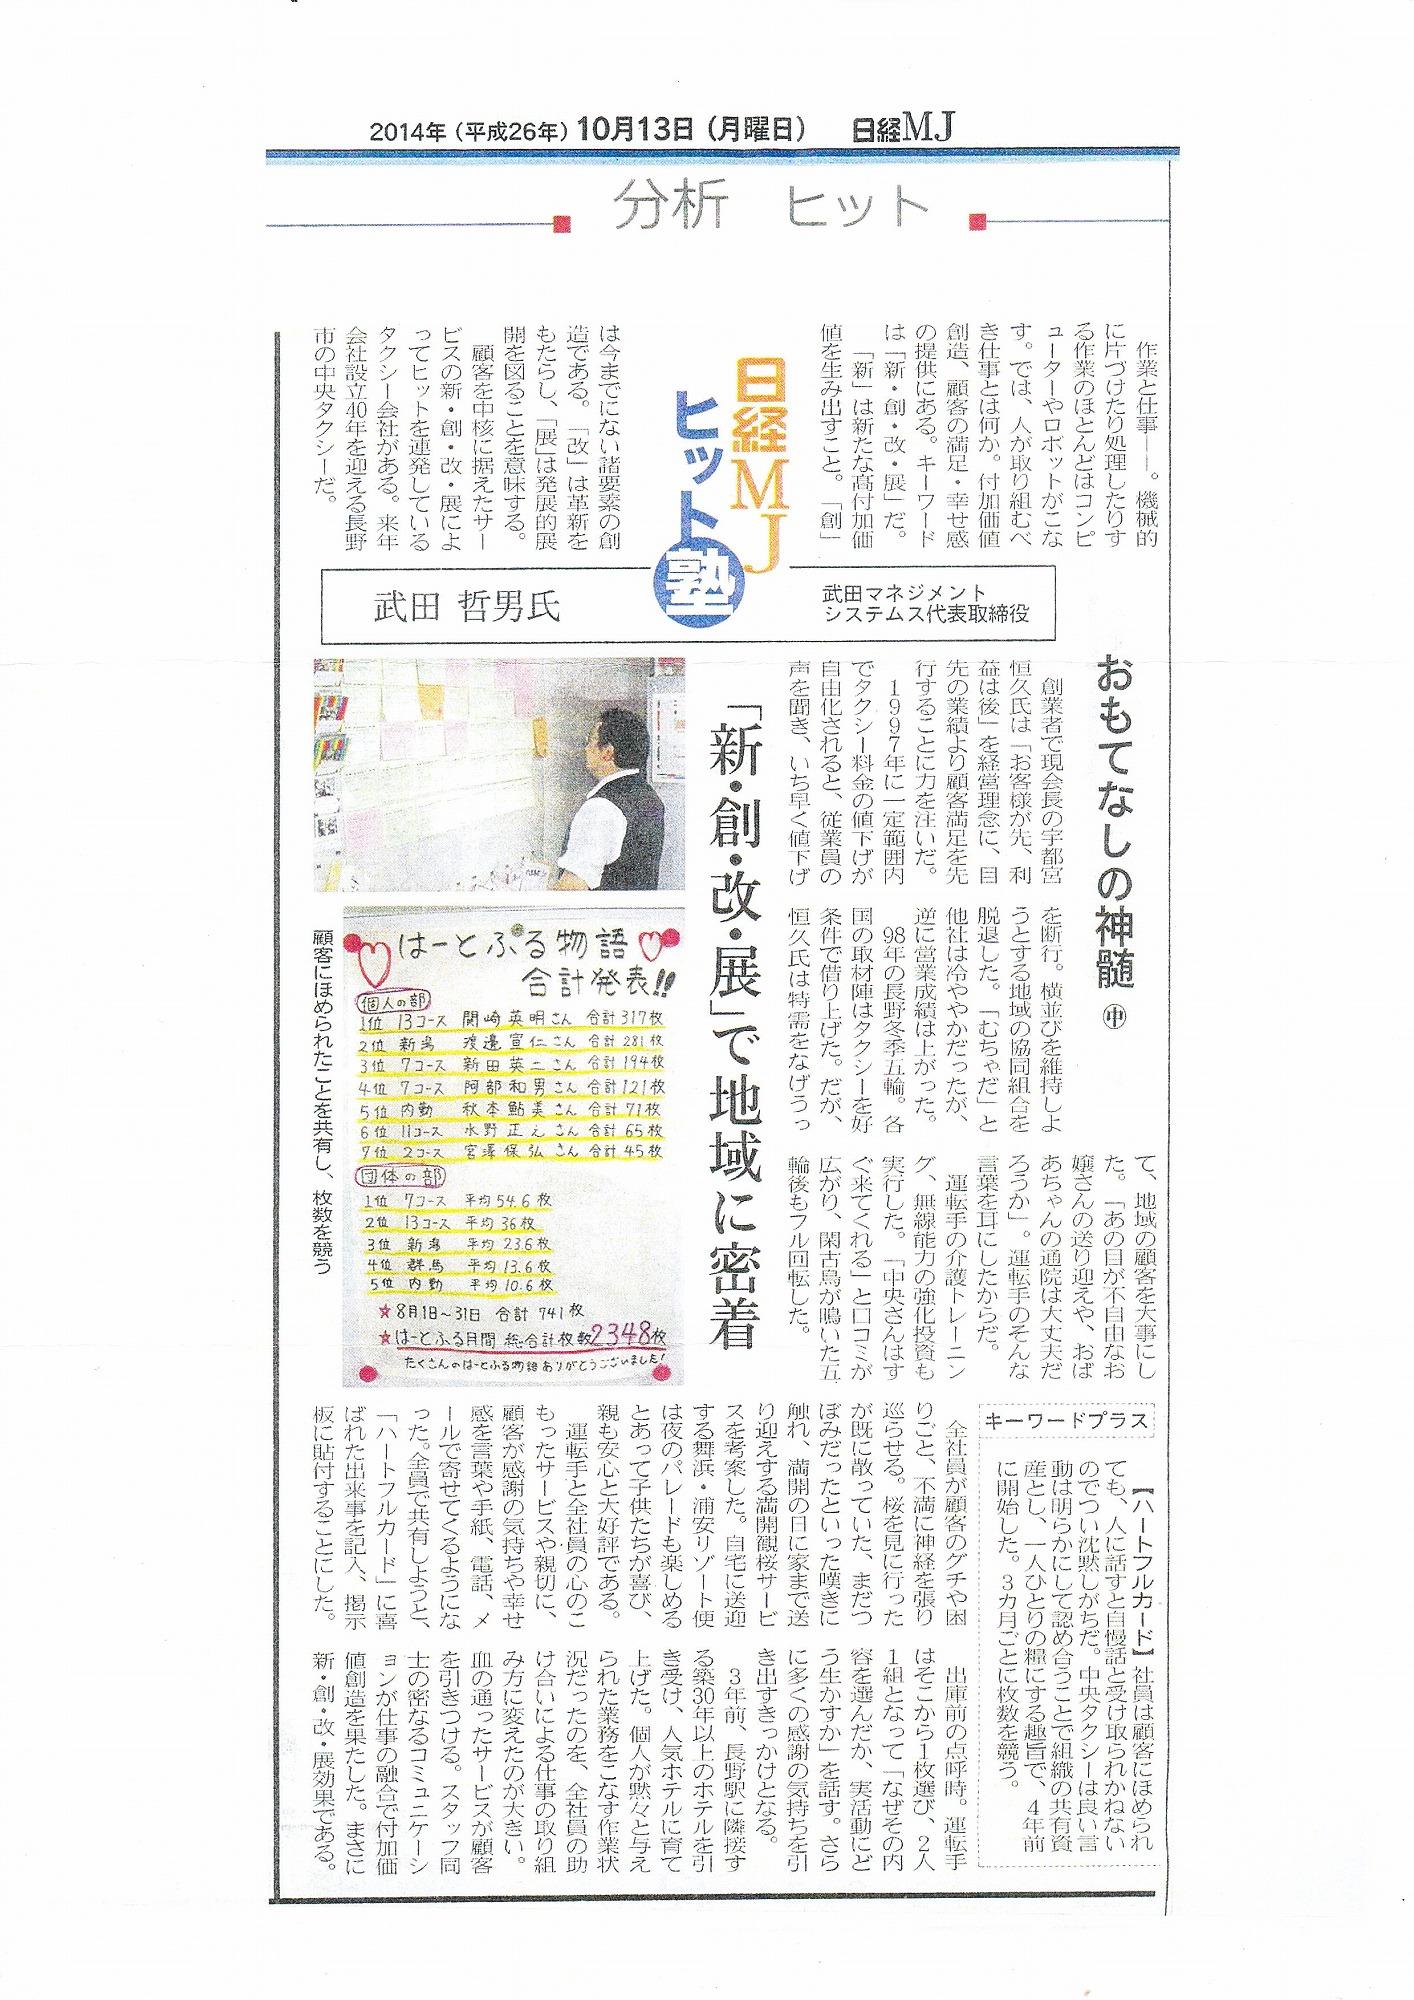 アップロードファイル 250-2.jpg